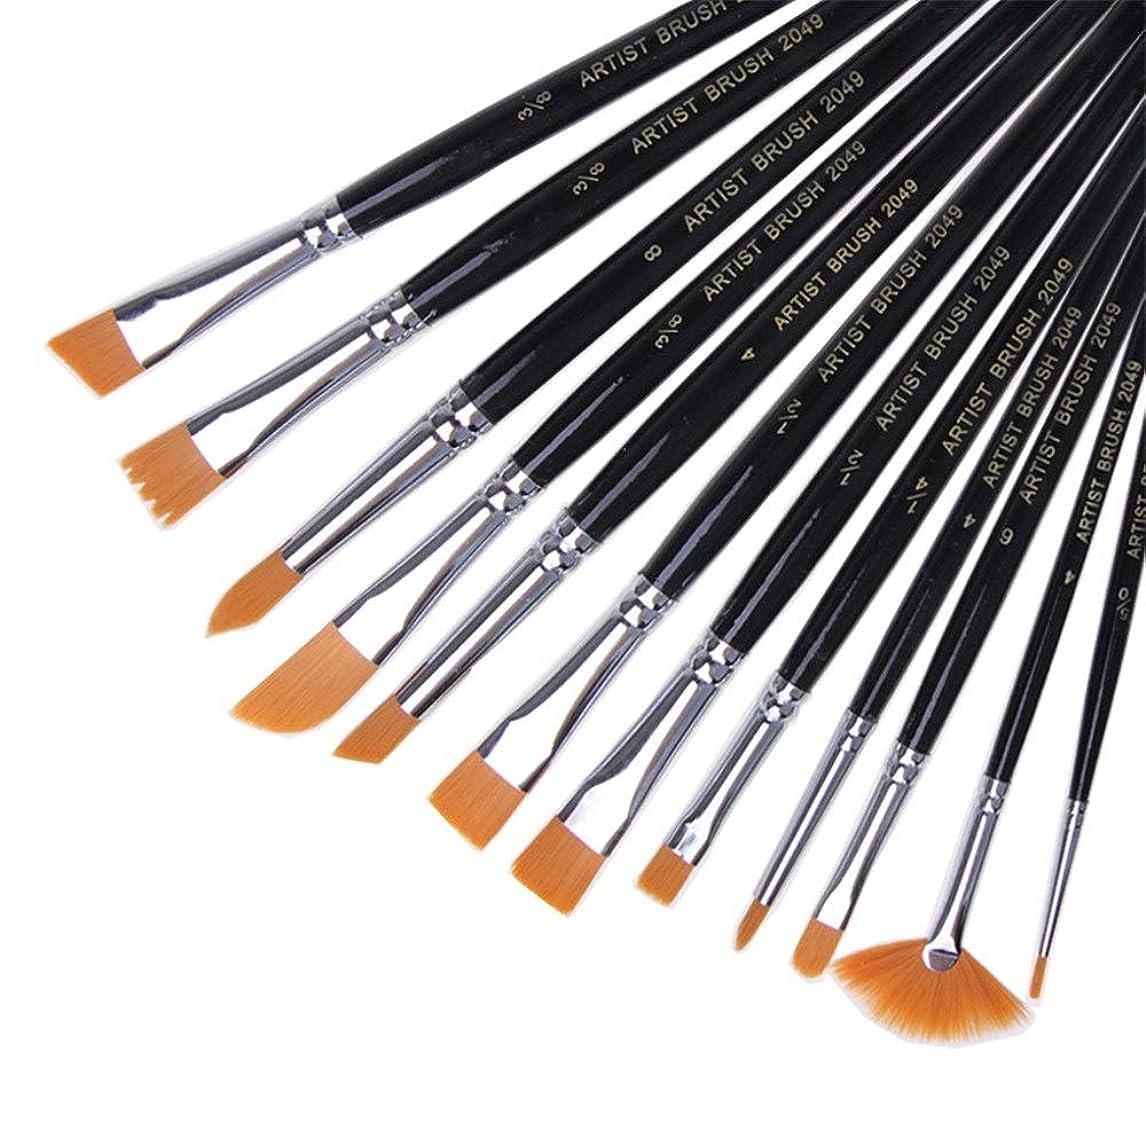 おしゃれな列挙するひまわり画材筆 12本のスティック銅管ショートポールブラシセット混合モデルナイロンブラシ 絵筆 (色 : Black, Size : FREE SIZE)